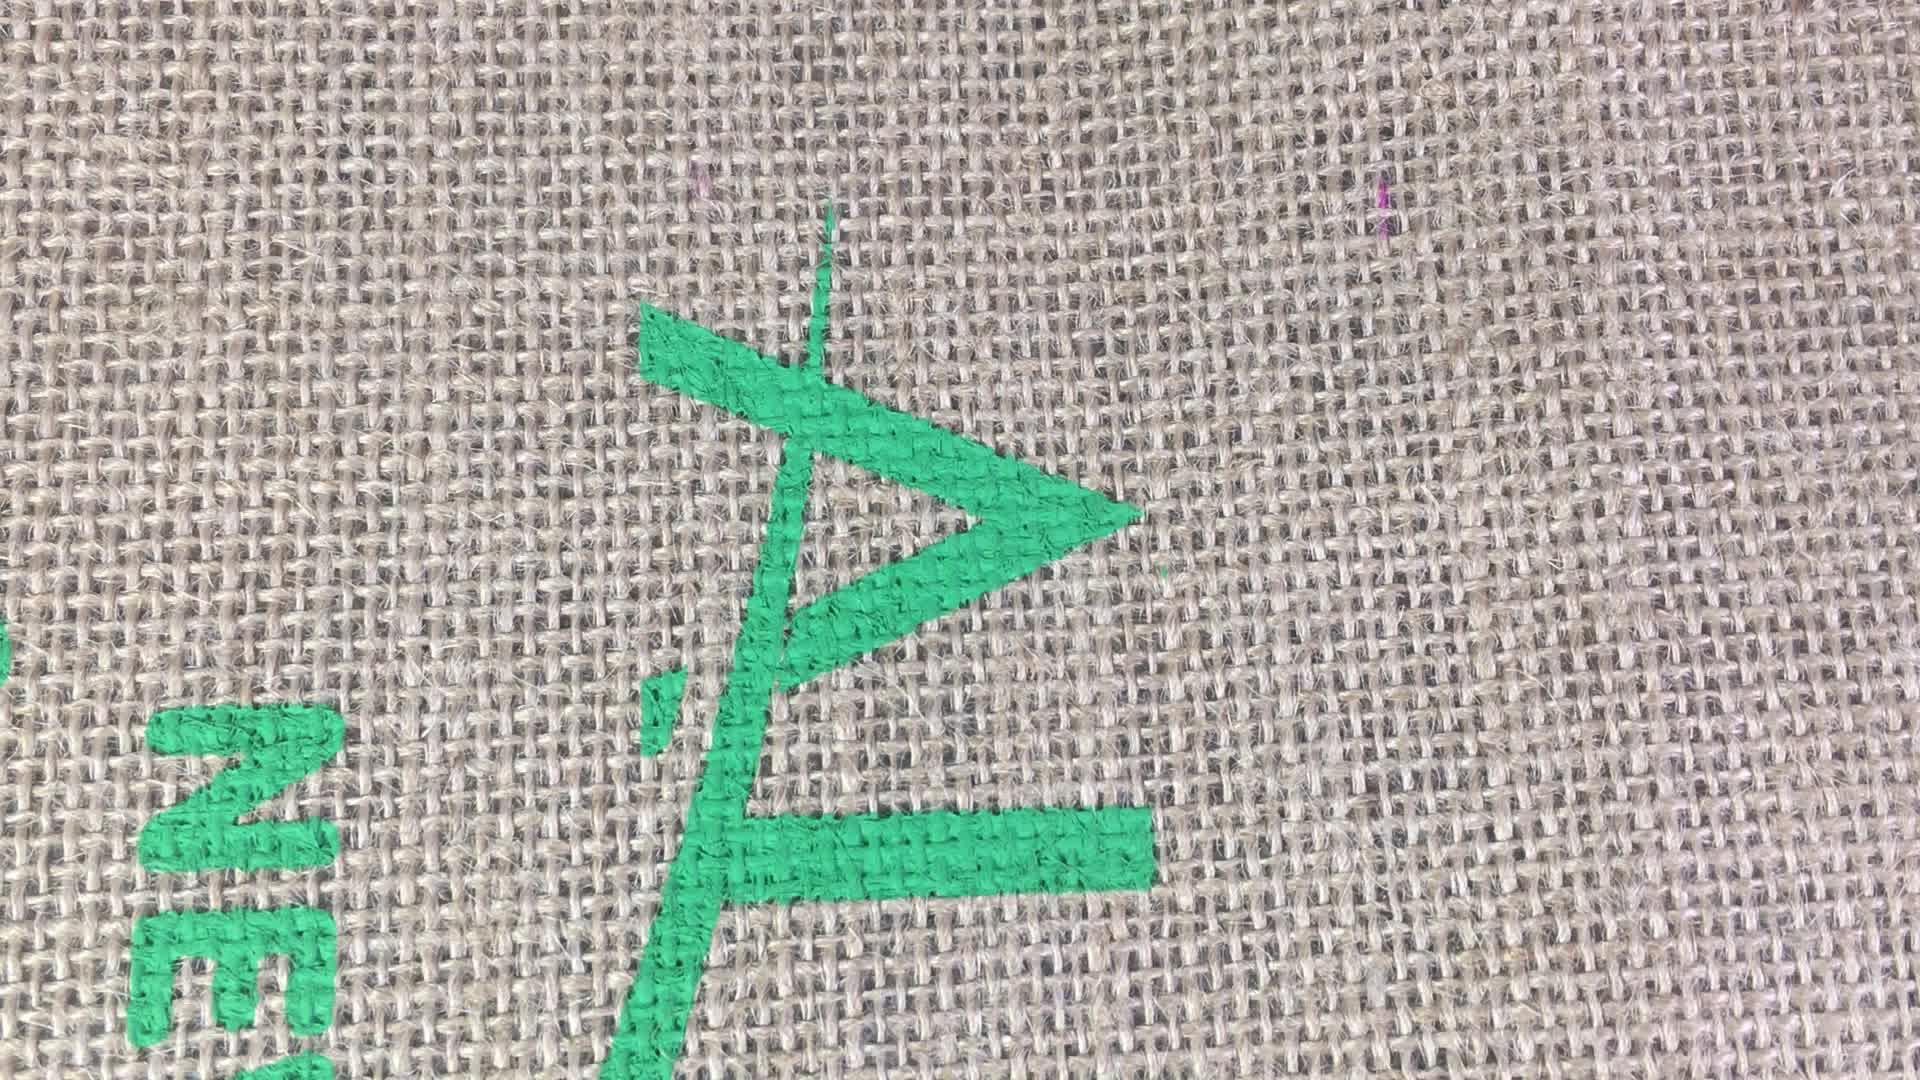 Réutilisable D'épicerie Grand Hessian Jute Fourre-Tout Logo Personnalisé Chanvre Jute Sac À Provisions